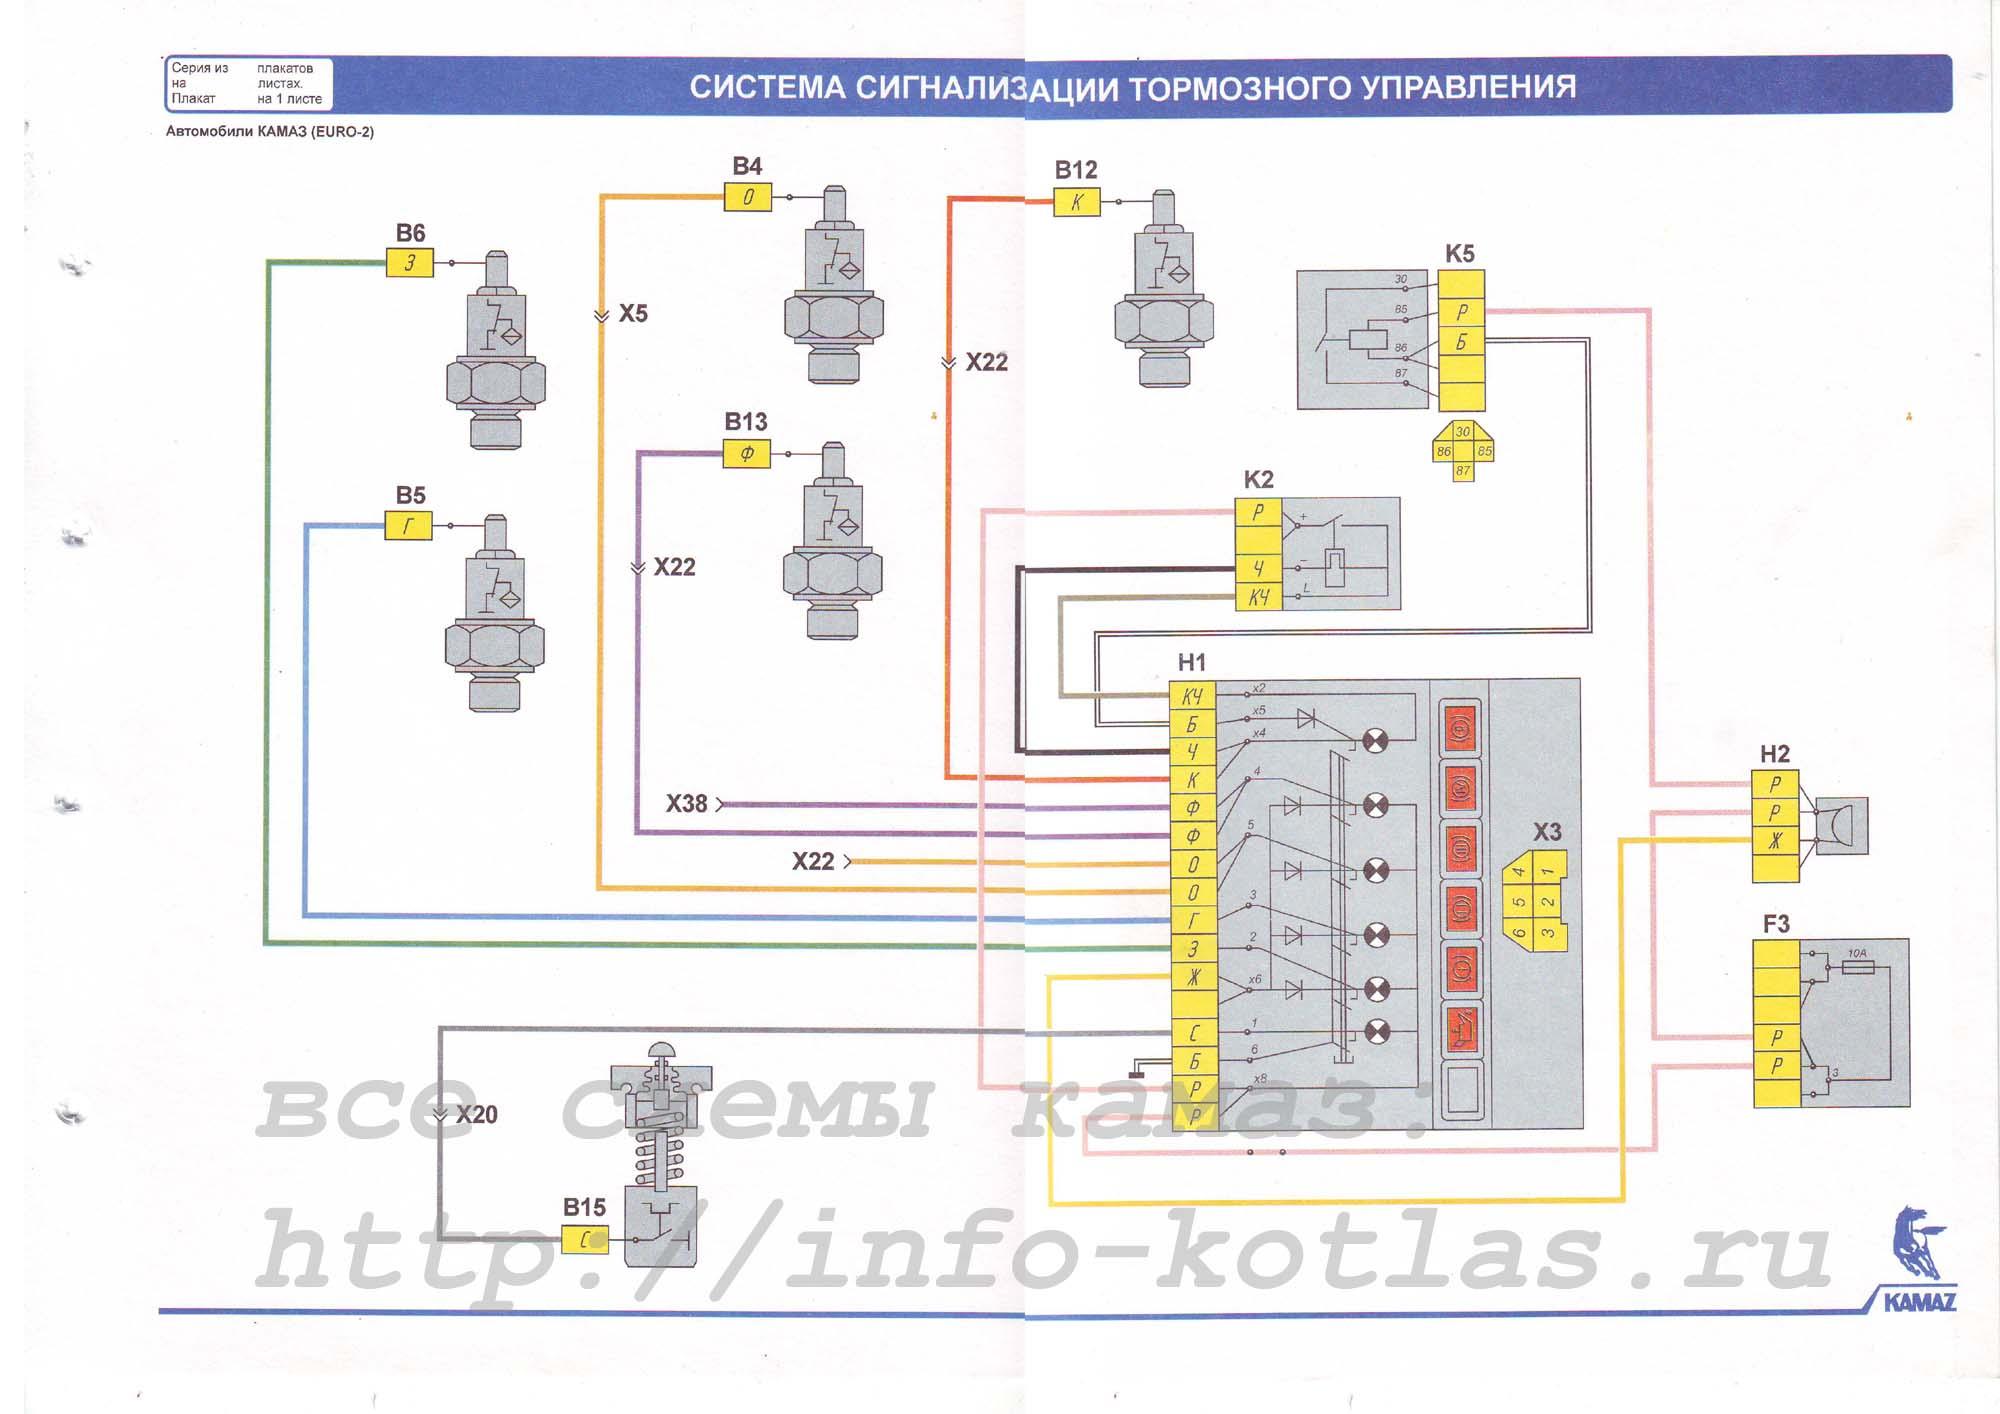 cистема_тормозного_управвления_Камаз_EURO-2